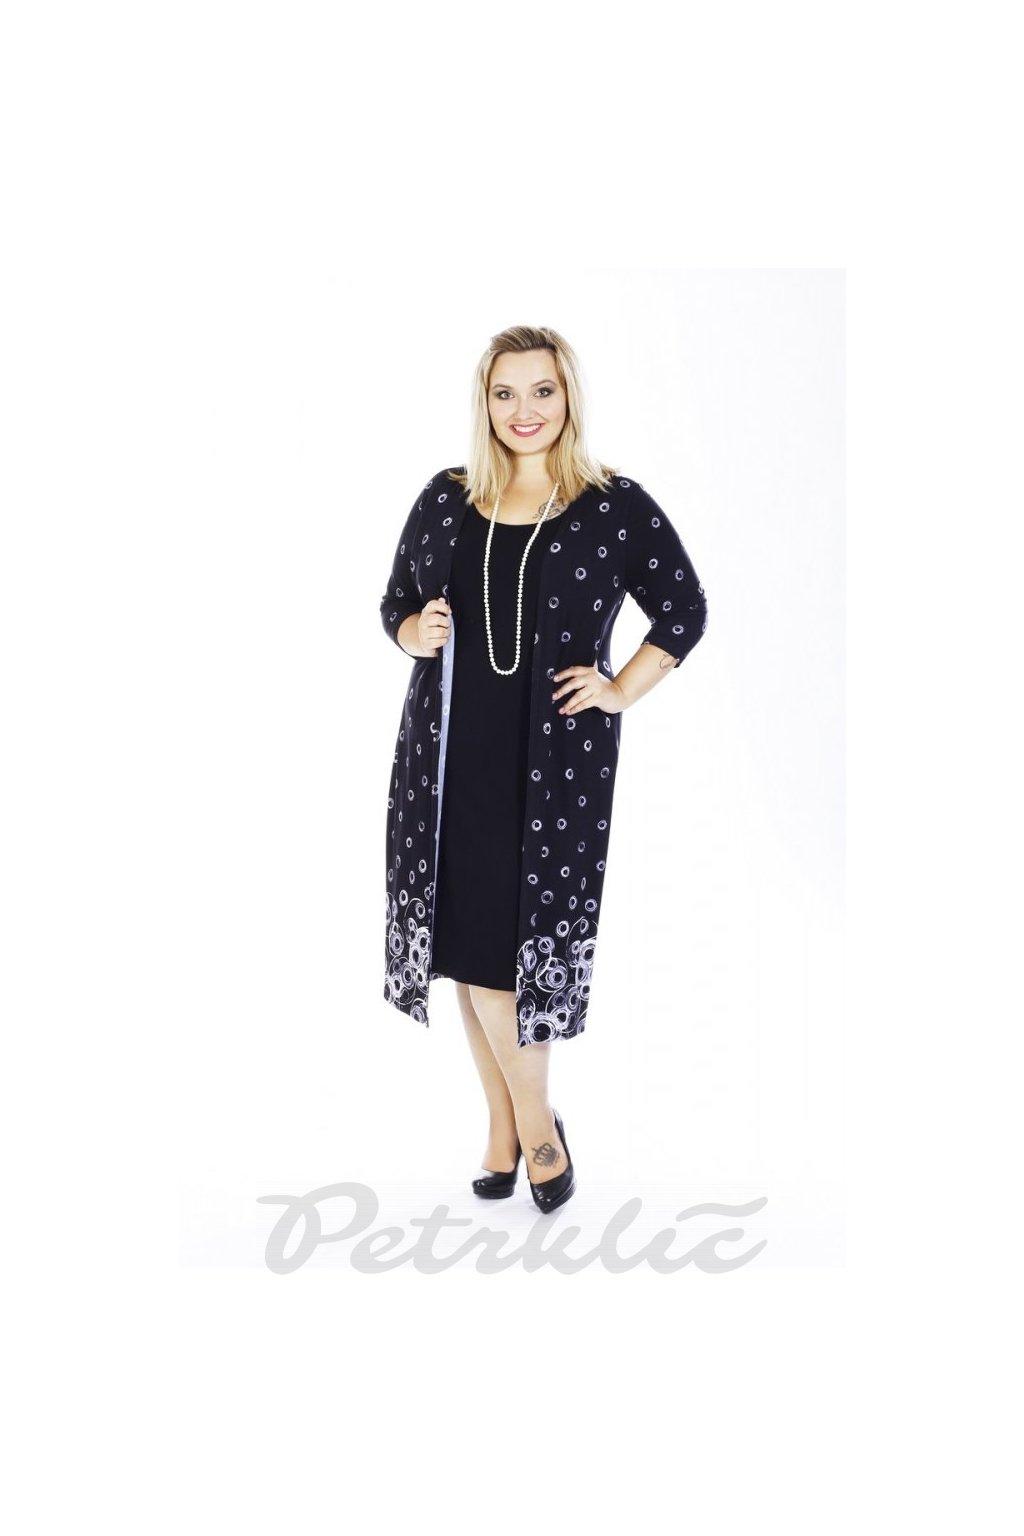 JARUNA šaty 95 - 100 cm